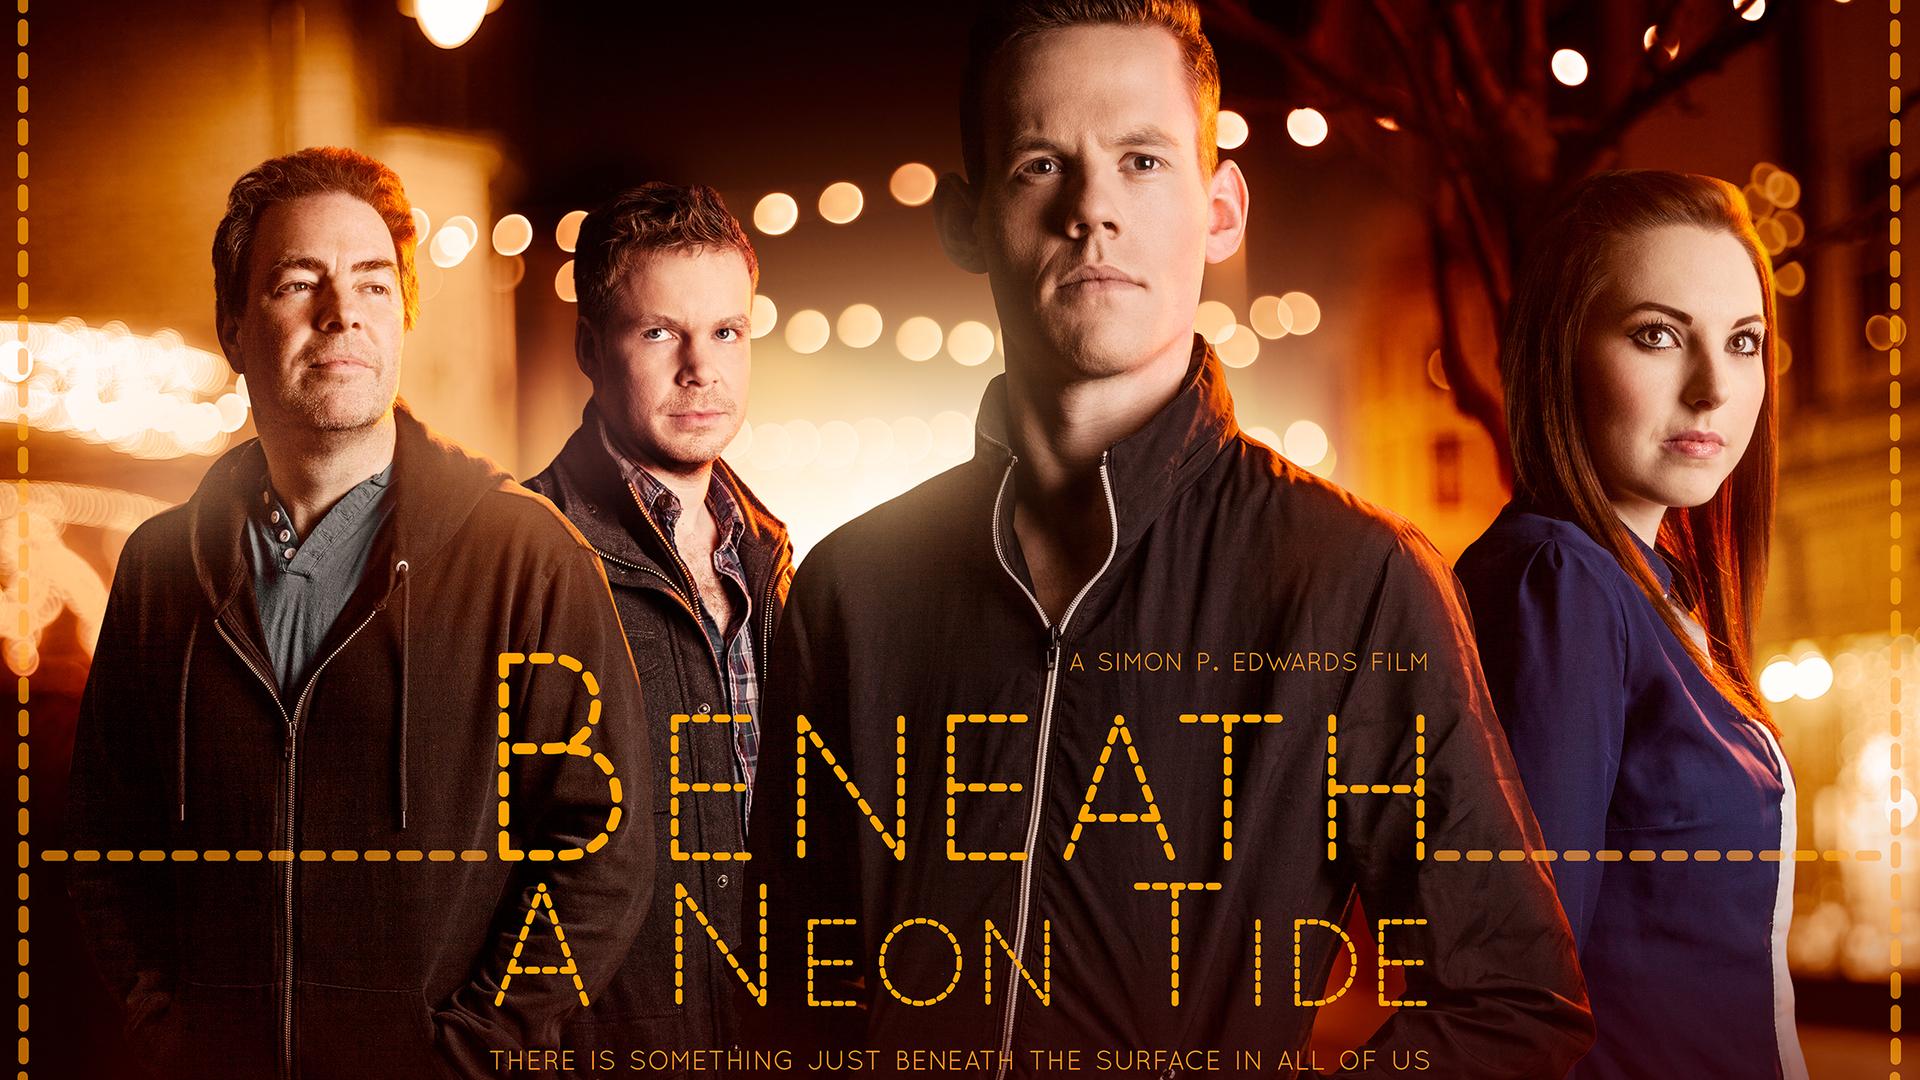 Beneath a Neon Tide